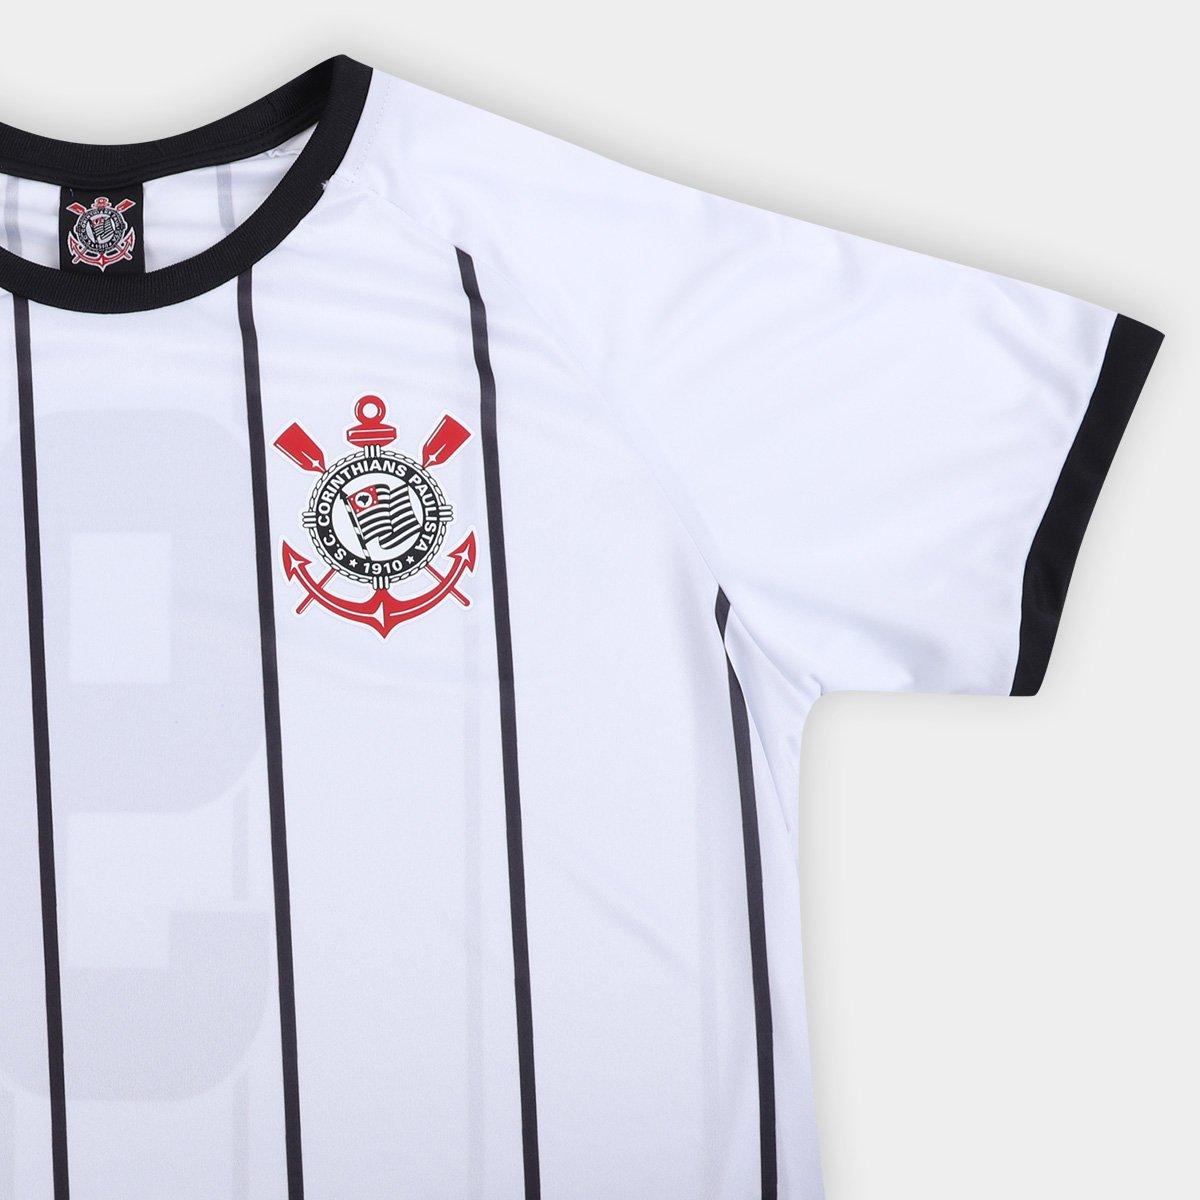 31f0521e90 Camisa Corinthians Fenomenal - Edição Limitada Torcedor Masculina ...